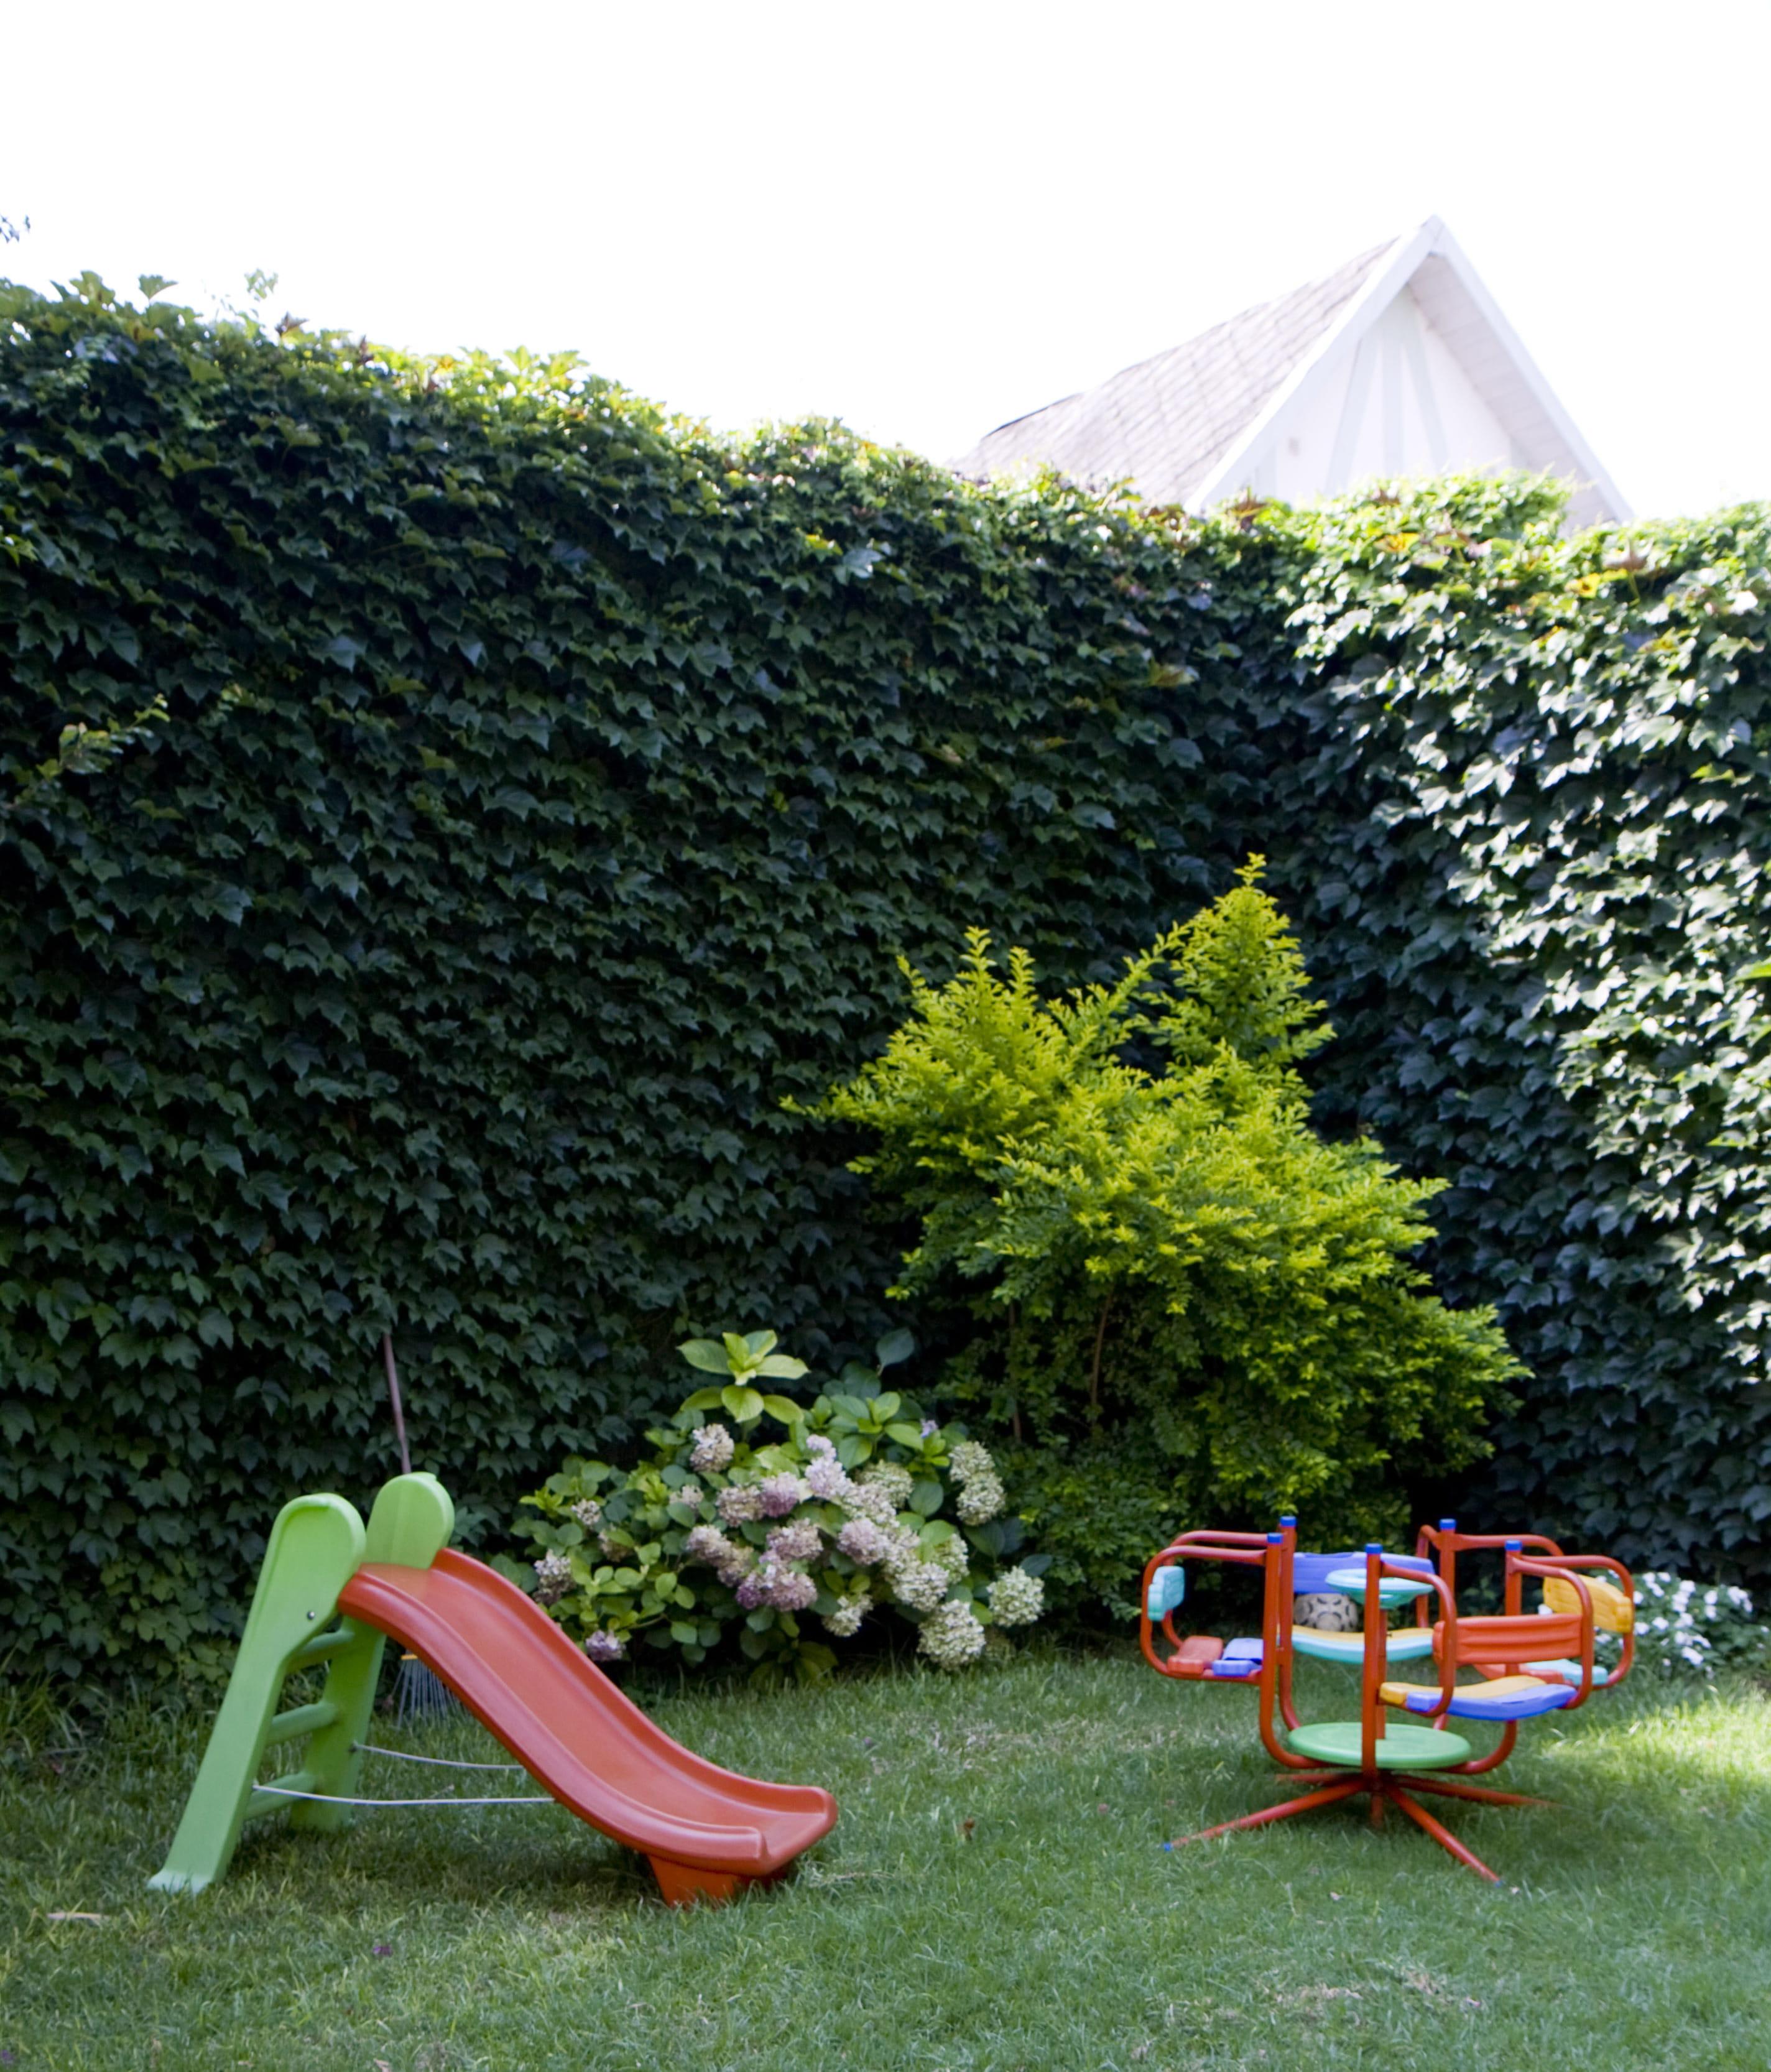 Comment Cloturer Son Jardin comment concevoir une clôture végétale ?